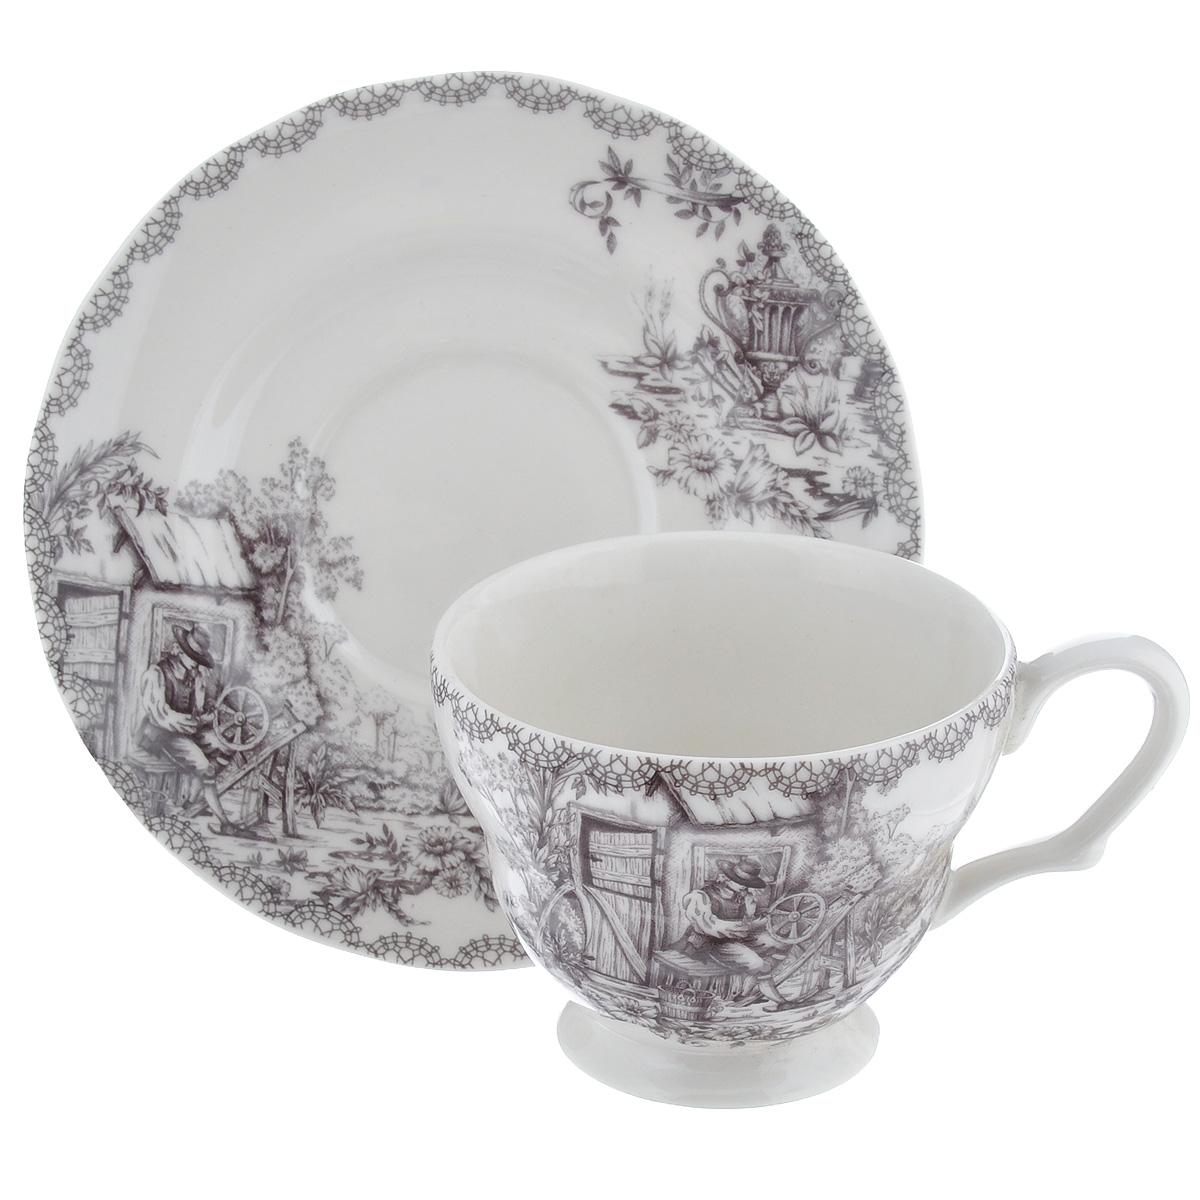 Чайная пара Utana Инглиш принтс Флинт, 2 предметаUTEF97301/2Чайная пара Utana Инглиш принтс Флинт состоит из чашки и блюдца, выполненных из высококачественной керамики. Красочность оформления придется по вкусу и ценителям классики, и тем, кто предпочитает утонченность и изысканность. Оригинальный принт придает набору особый шарм, который понравится каждому.Предметы набора можно использовать в микроволновой печи и мыть в посудомоечной машине.Объем чашки: 200 мл.Диаметр чашки (по верхнему краю): 9 см.Высота чашки: 7,5 см.Диаметр блюдца: 15 см.